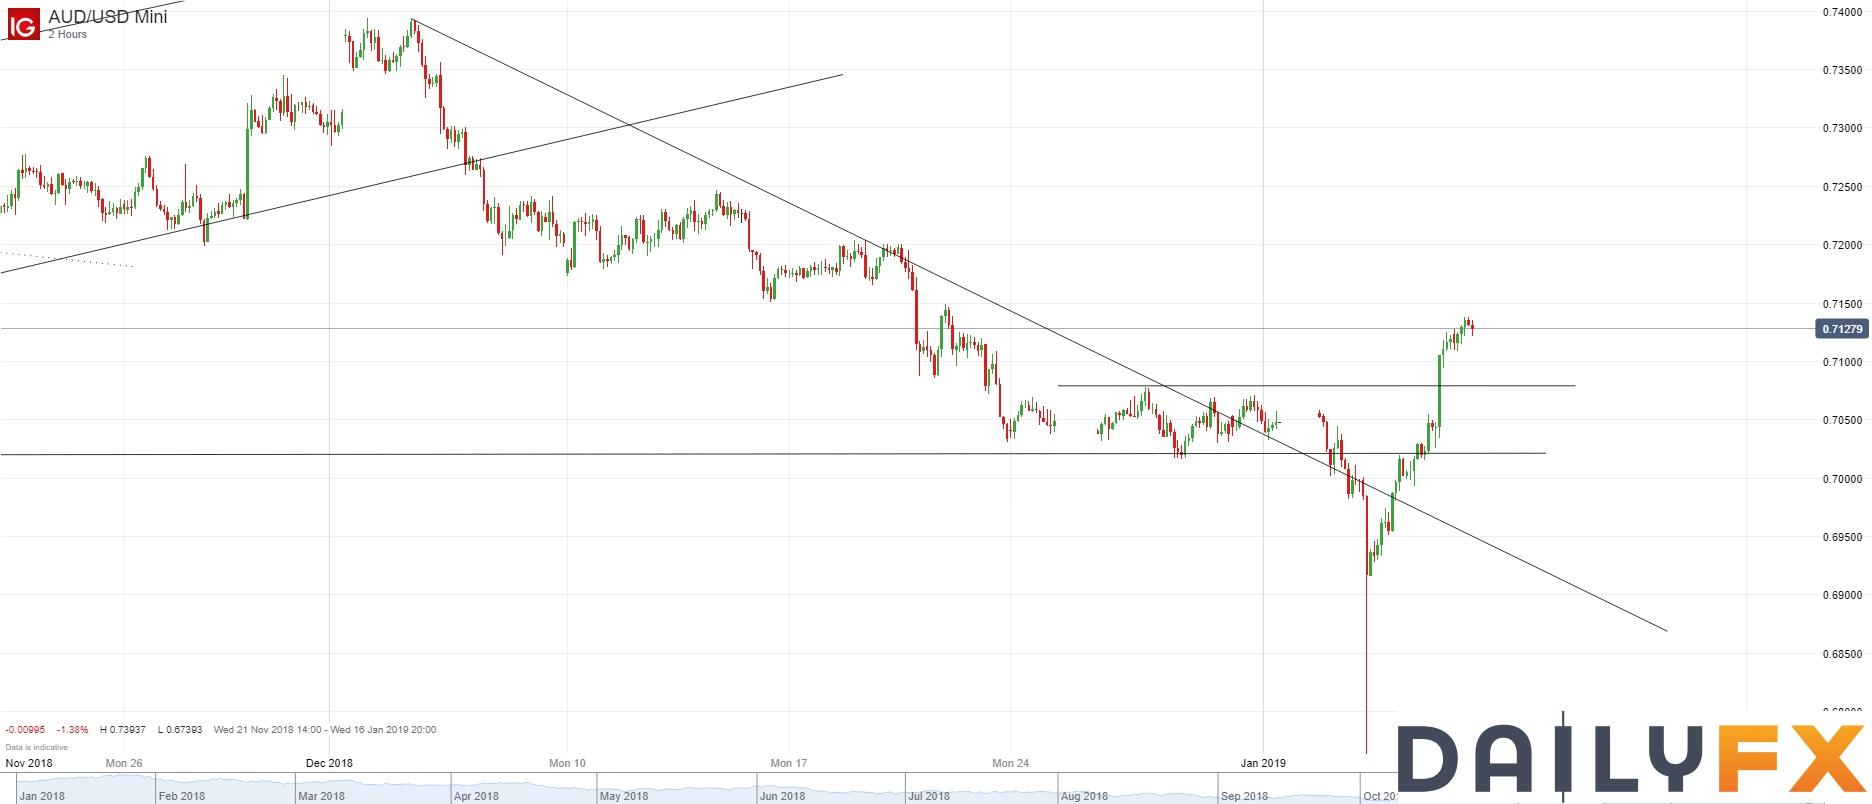 澳元/美元技术分析:自12月4日开始的跌势已经结束,短期可能进一步反弹